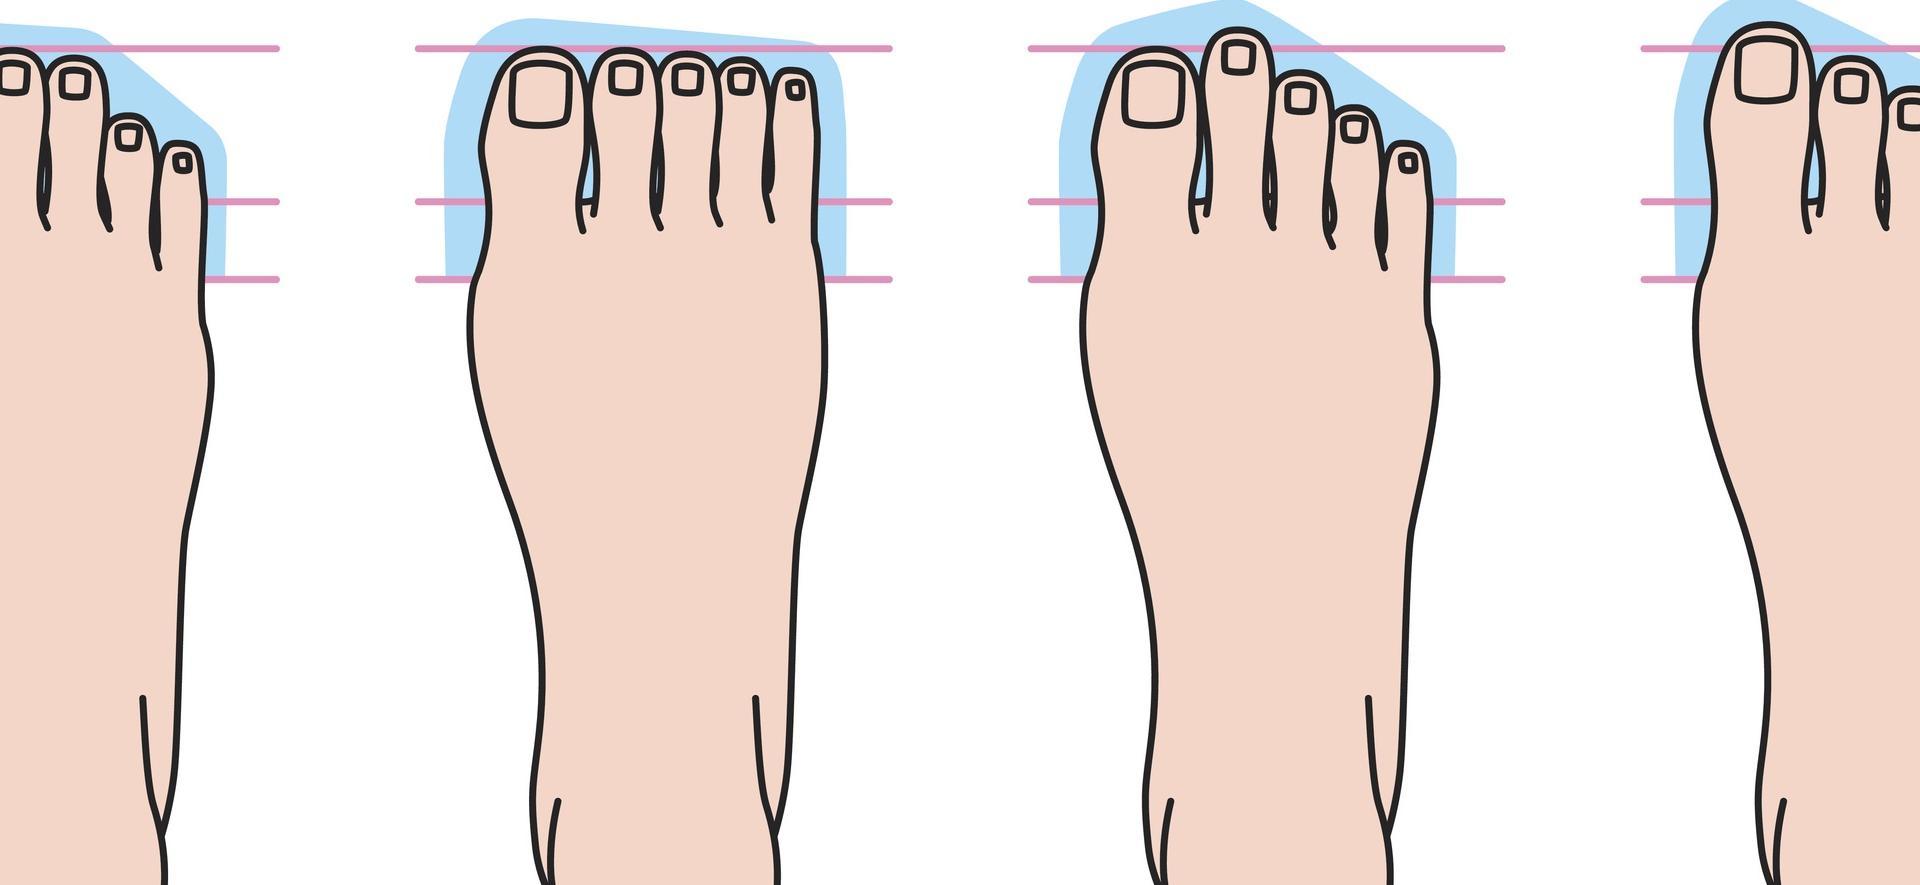 Füße Typen Formen